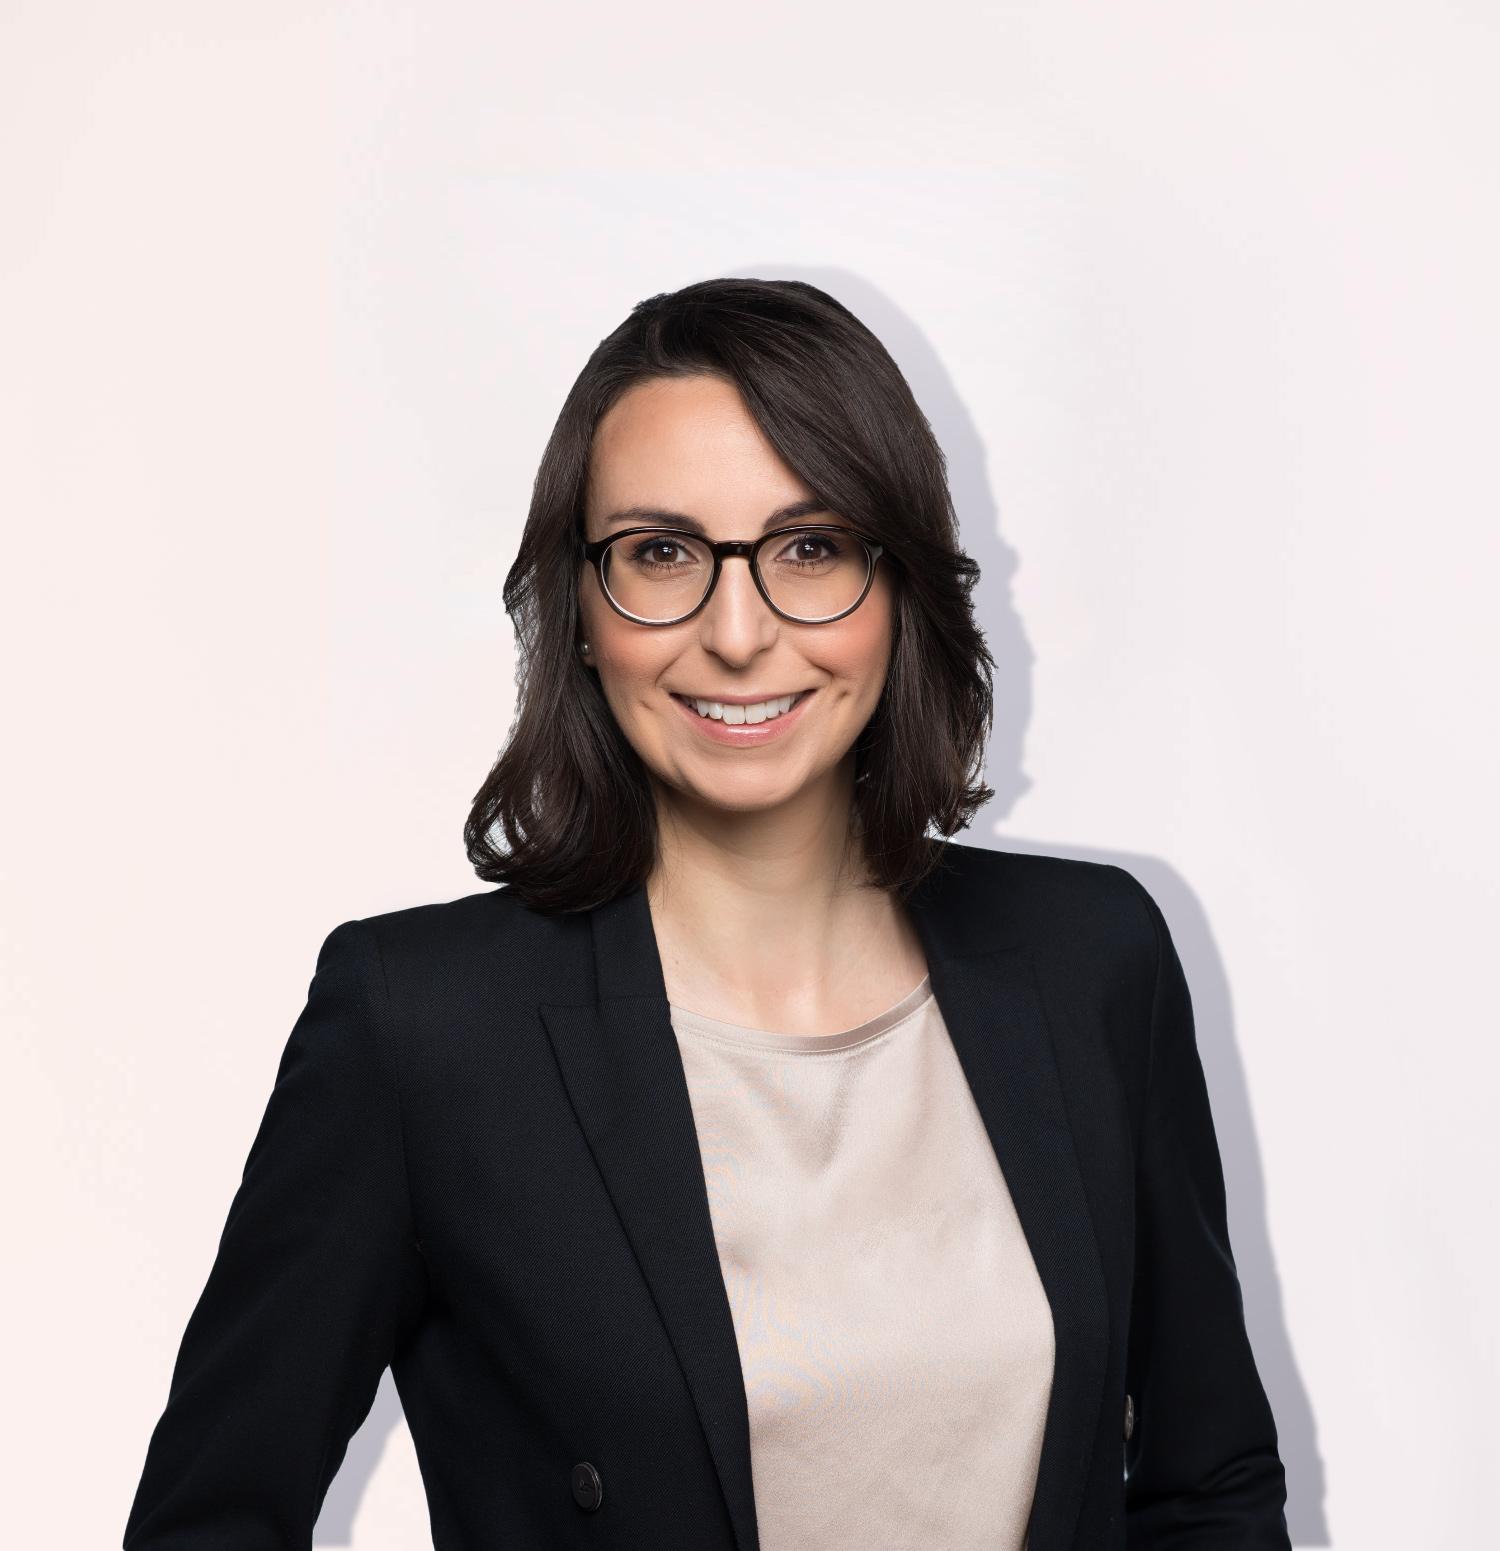 Portrait von Eleni Alexiou